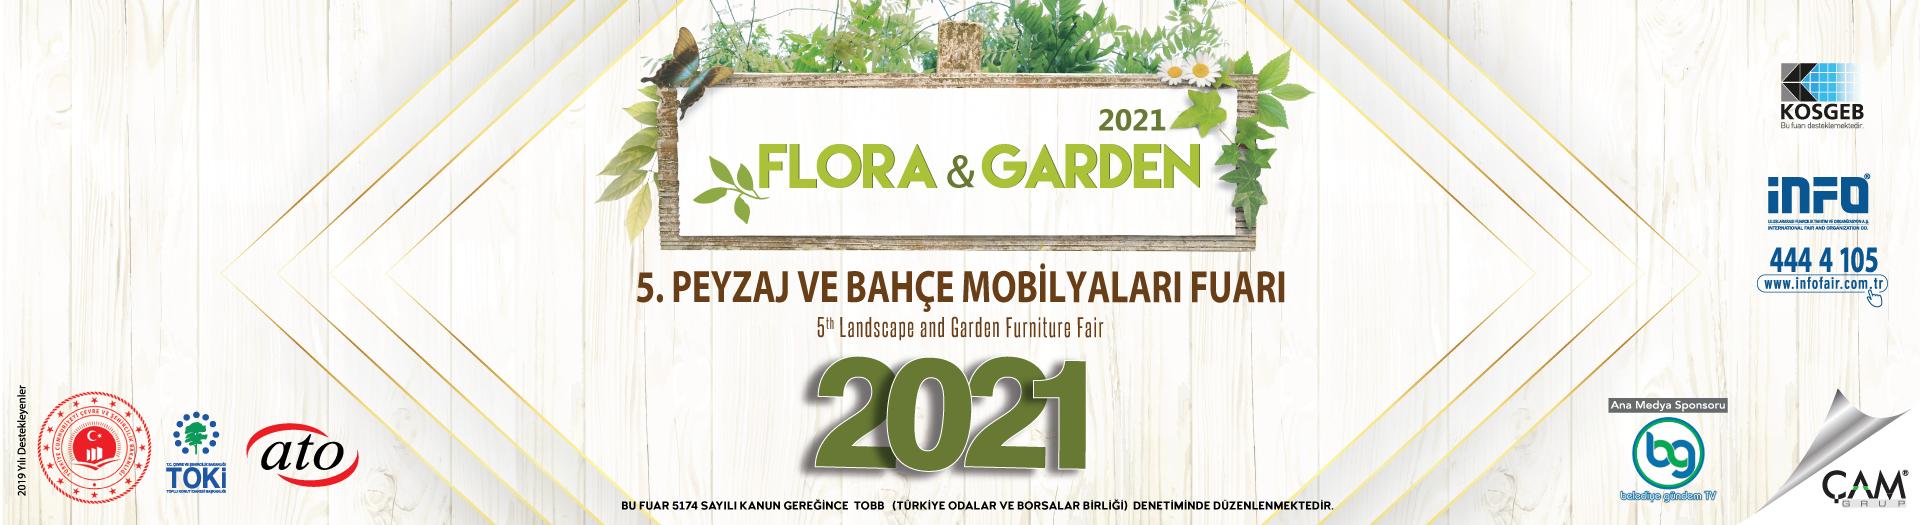 Flora & Garden 5.Peyzaj ve Bahçe Mobilyaları Fuarı 2021